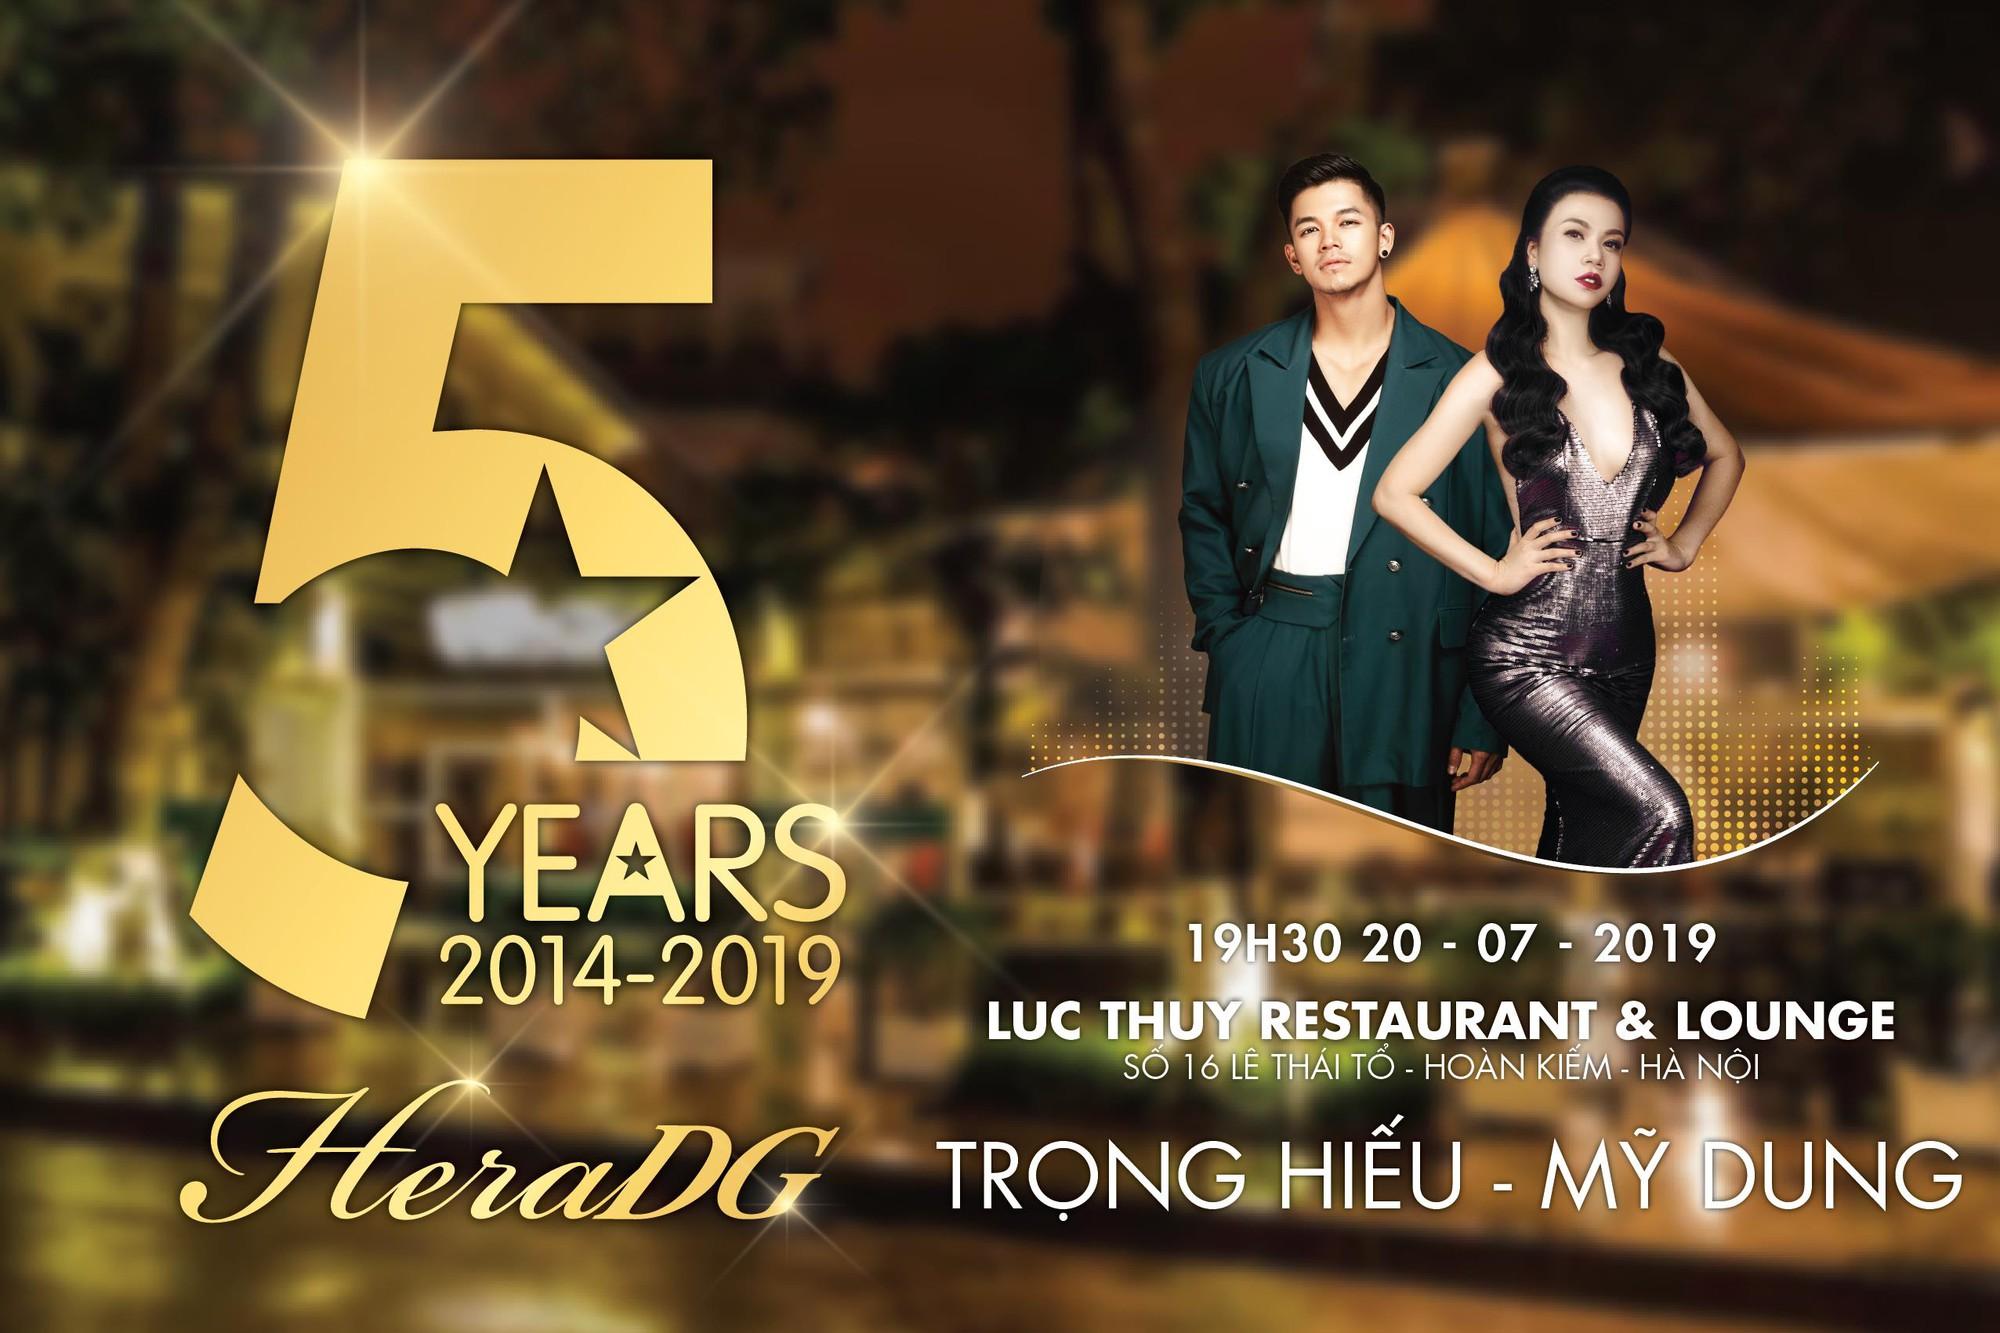 Bữa tiệc âm nhạc và thời trang hoành tráng đánh dấu kỉ niệm 5 năm của HeraDG - Ảnh 1.